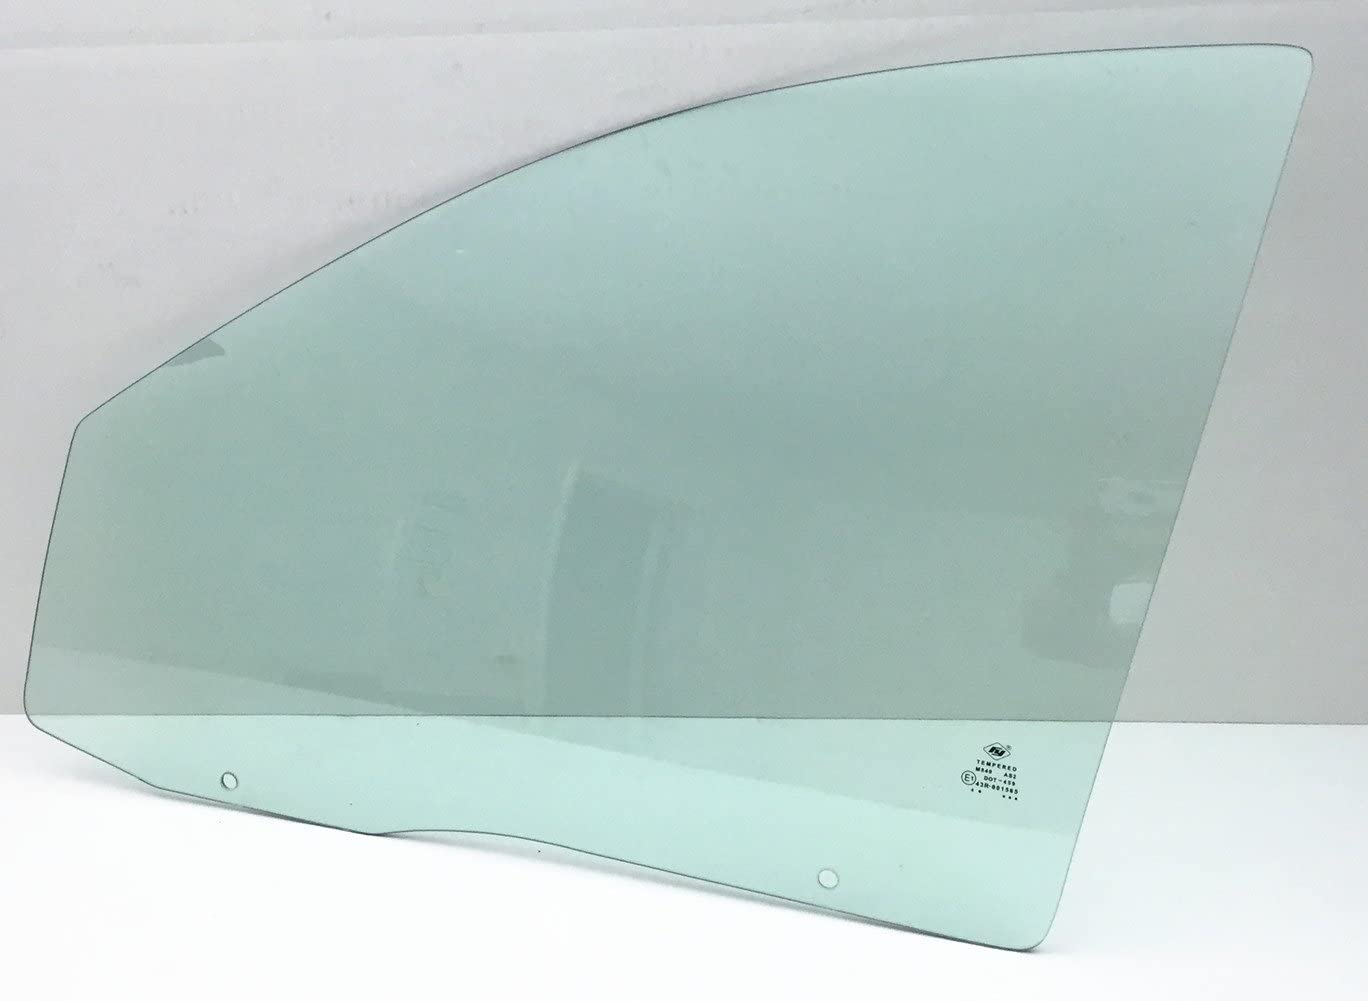 NAGD Driver//Left Side Front Door Window Glass Replacement for Chevrolet Cavalier 4 Door Sedan 1995-2005